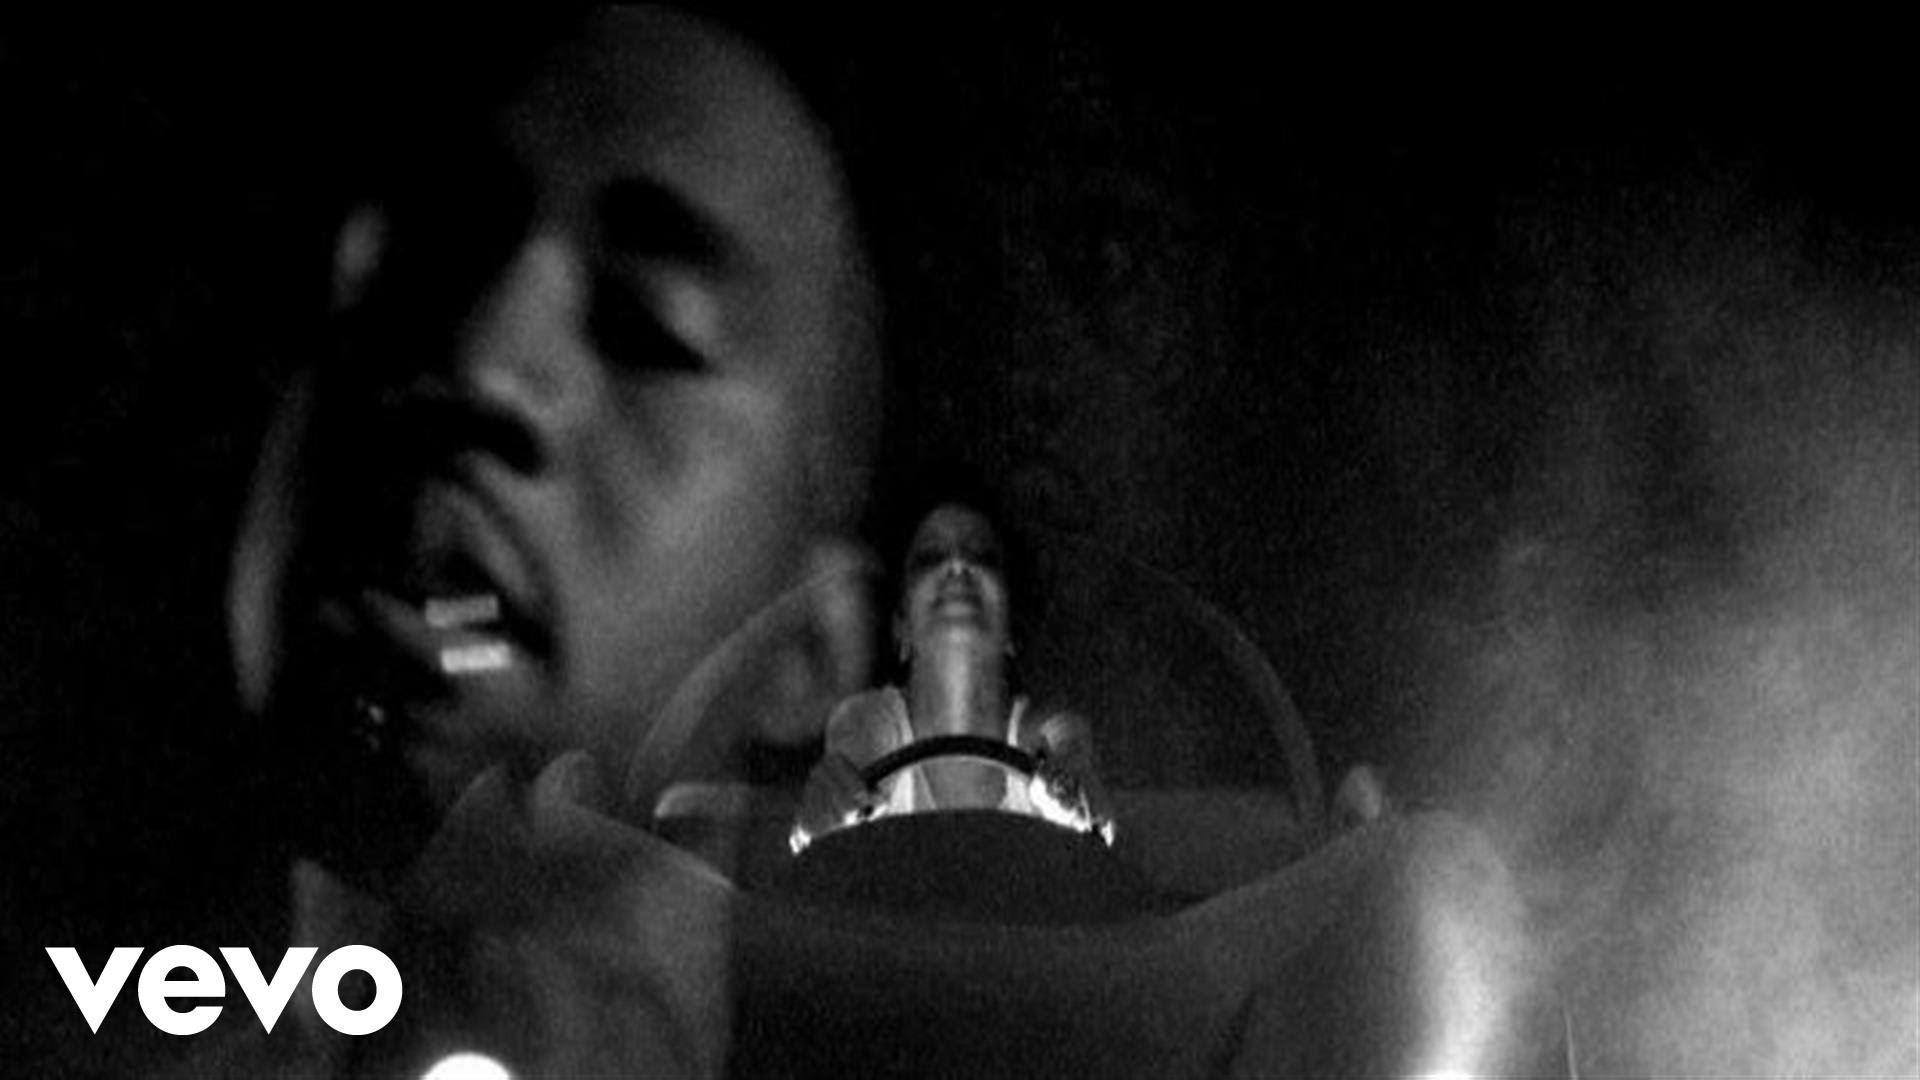 Kanye_paranoid_featuring_Mr_hudson